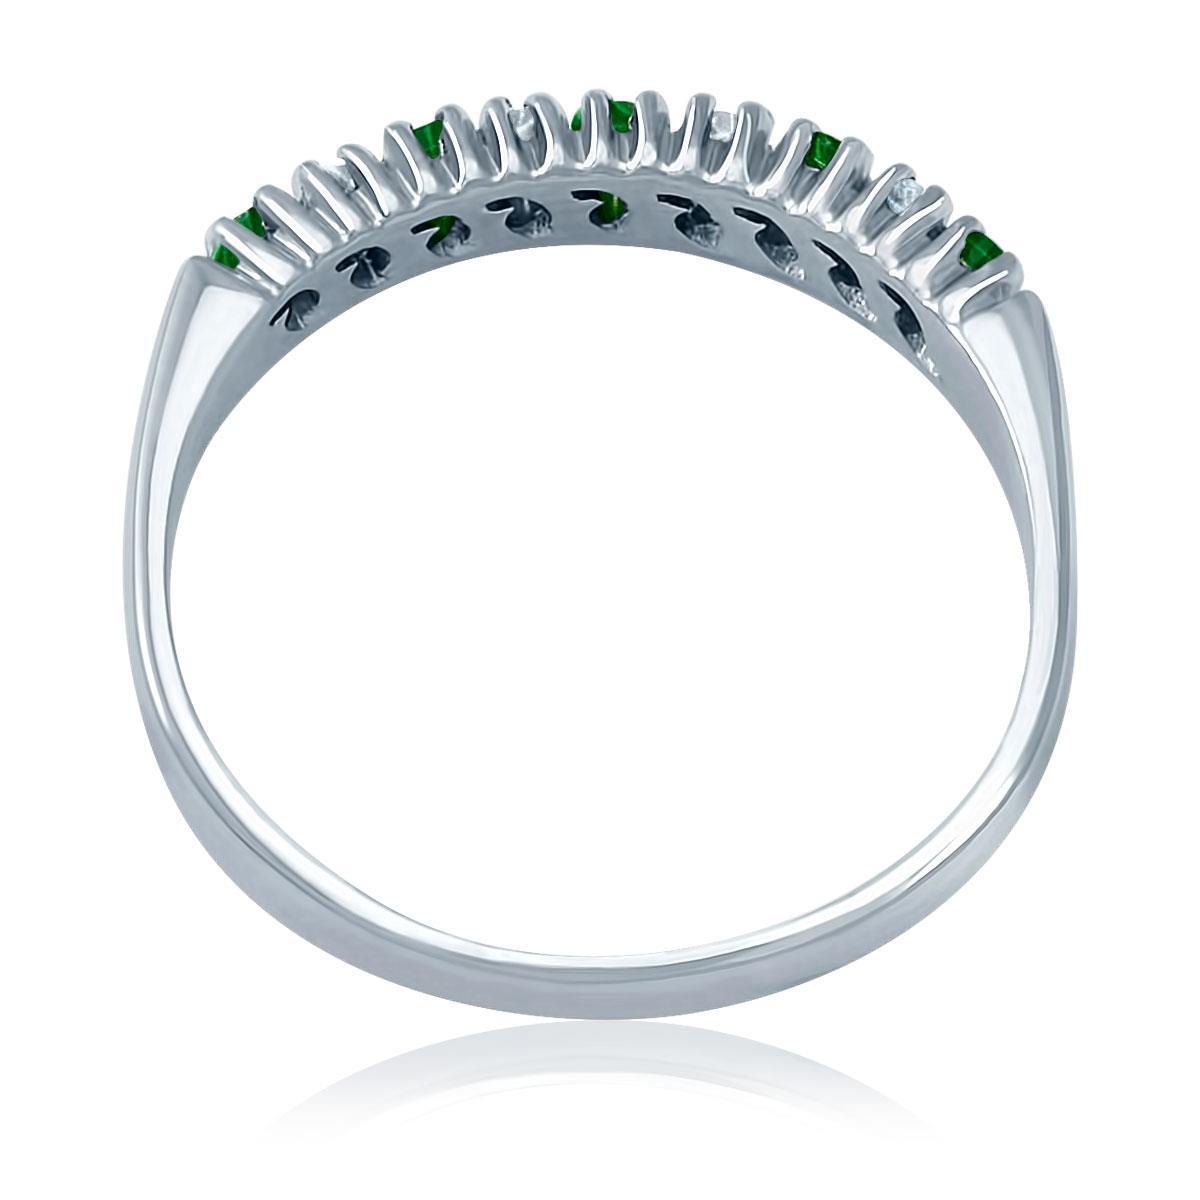 36f07a744a05f Meia Aliança de Diamantes com Esmeraldas em Ouro Branco